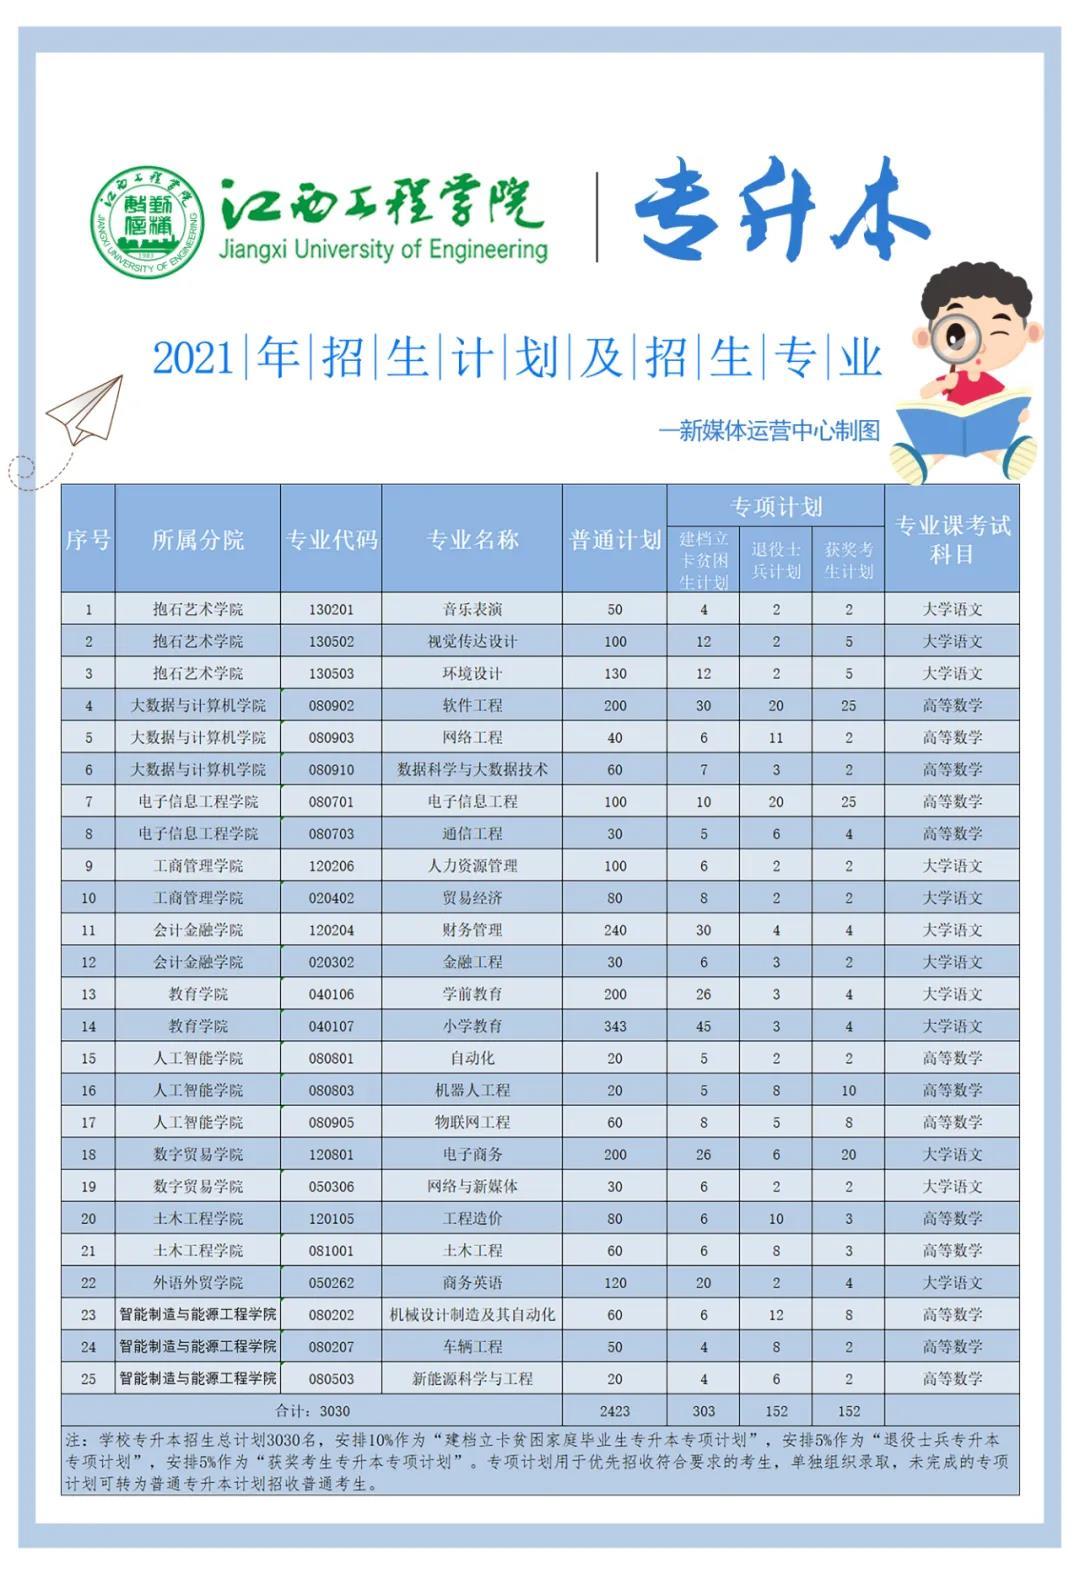 江西工程学院2021年专升本报考指南